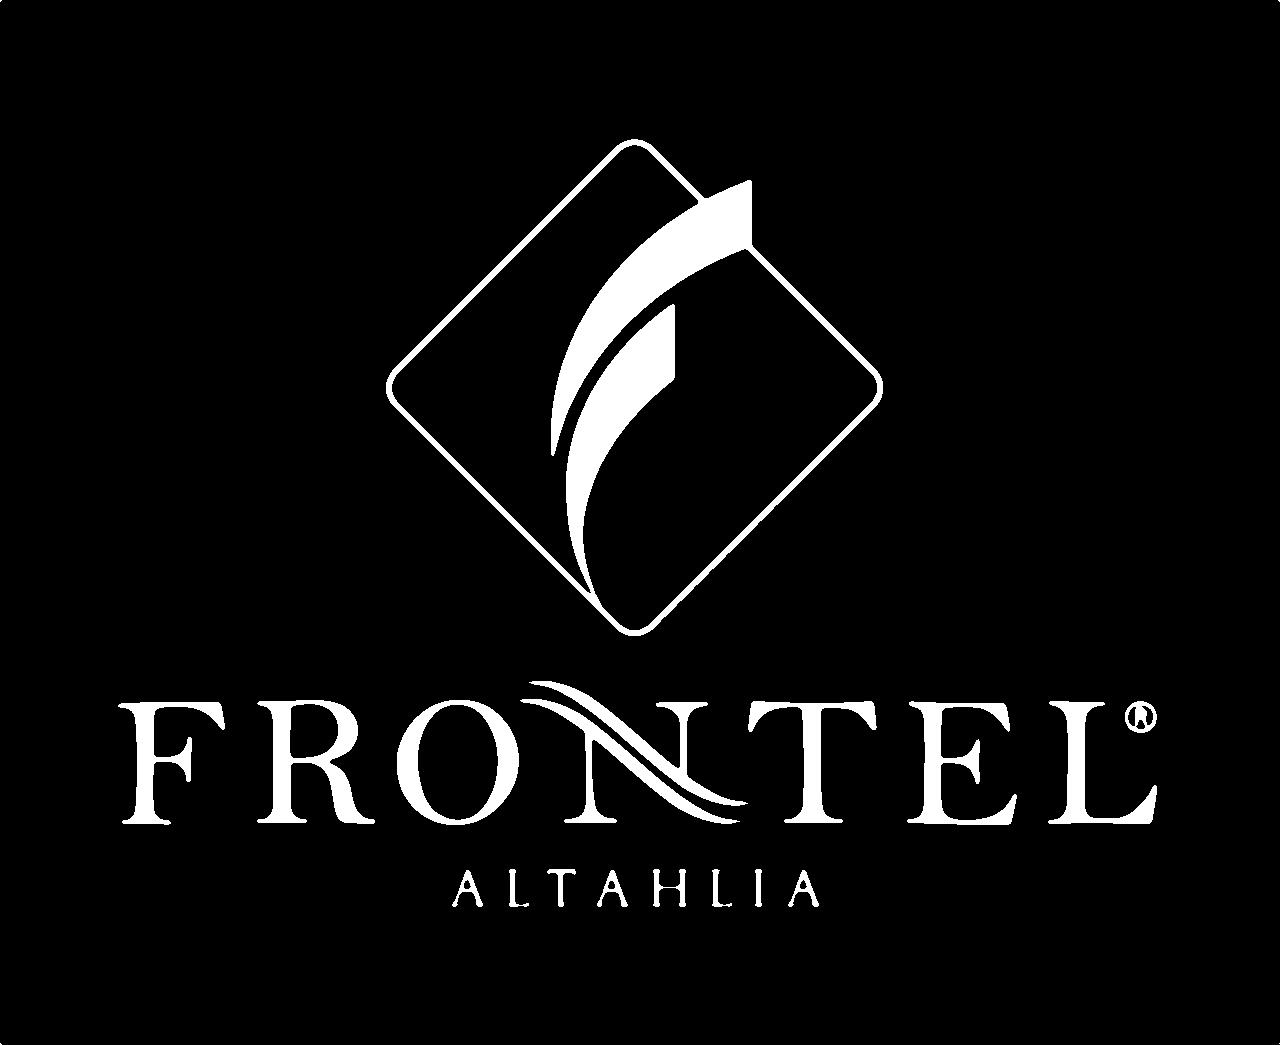 frontel_taglia